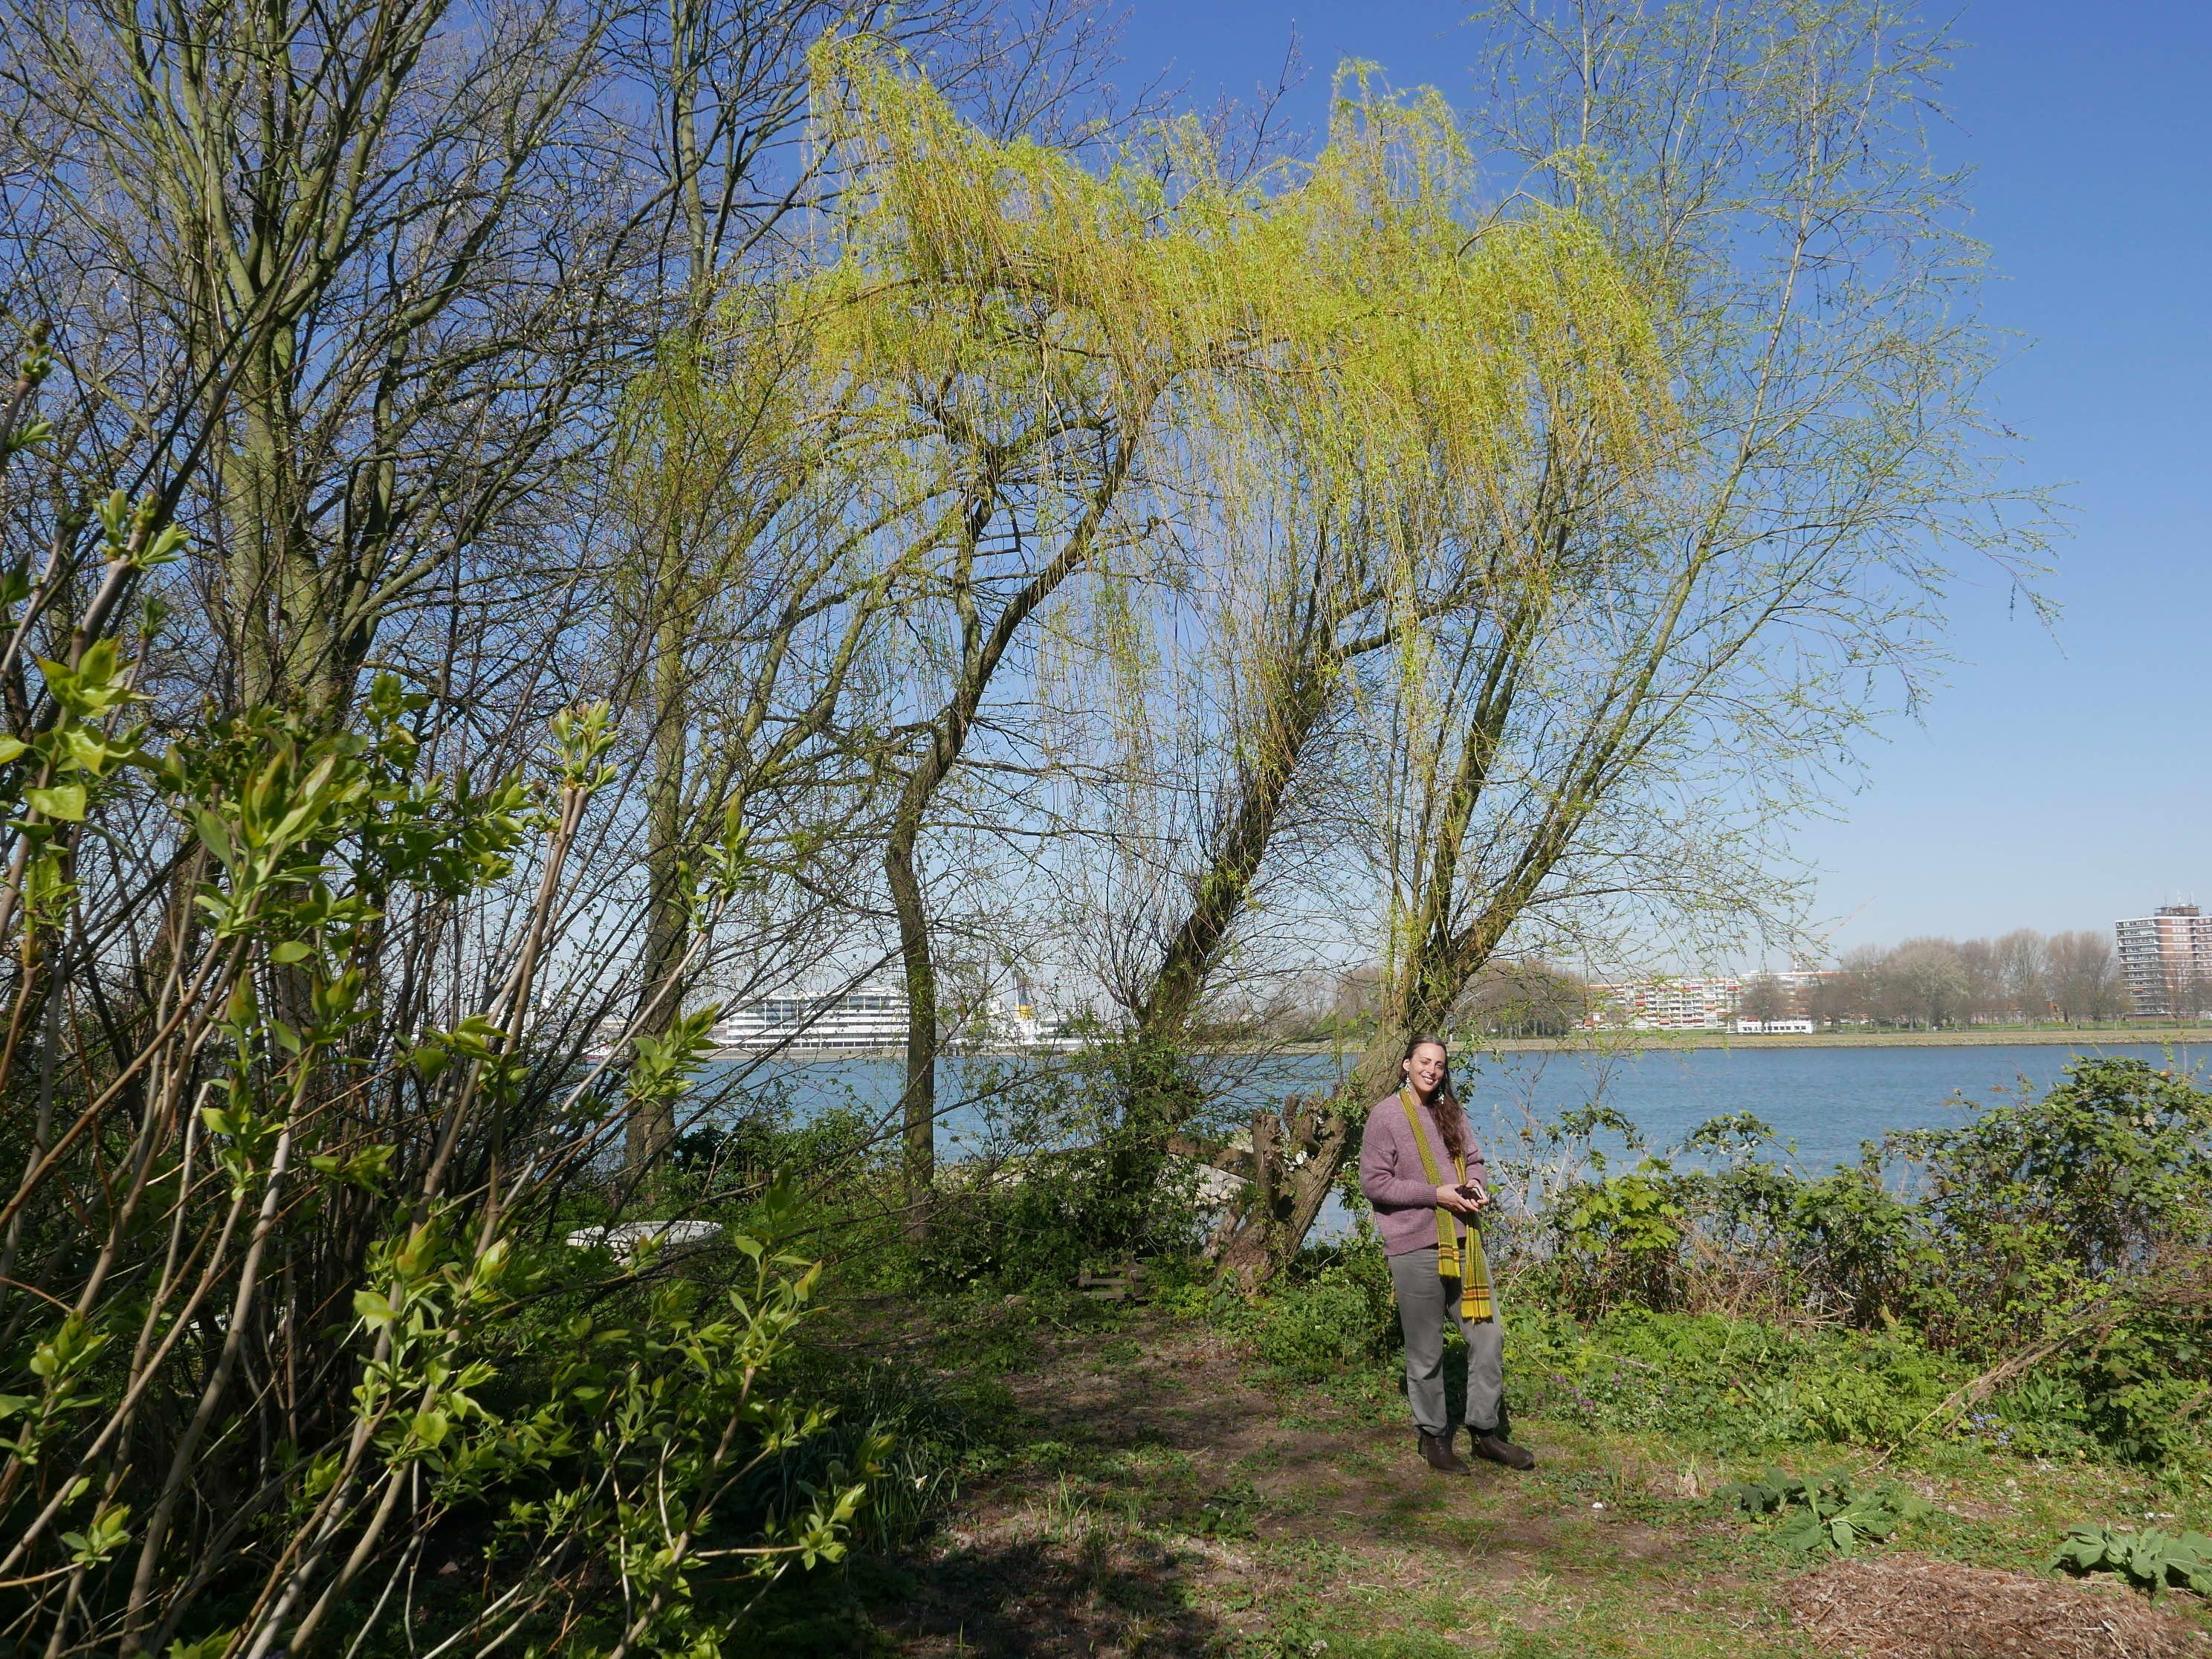 Tuin aan de Maas